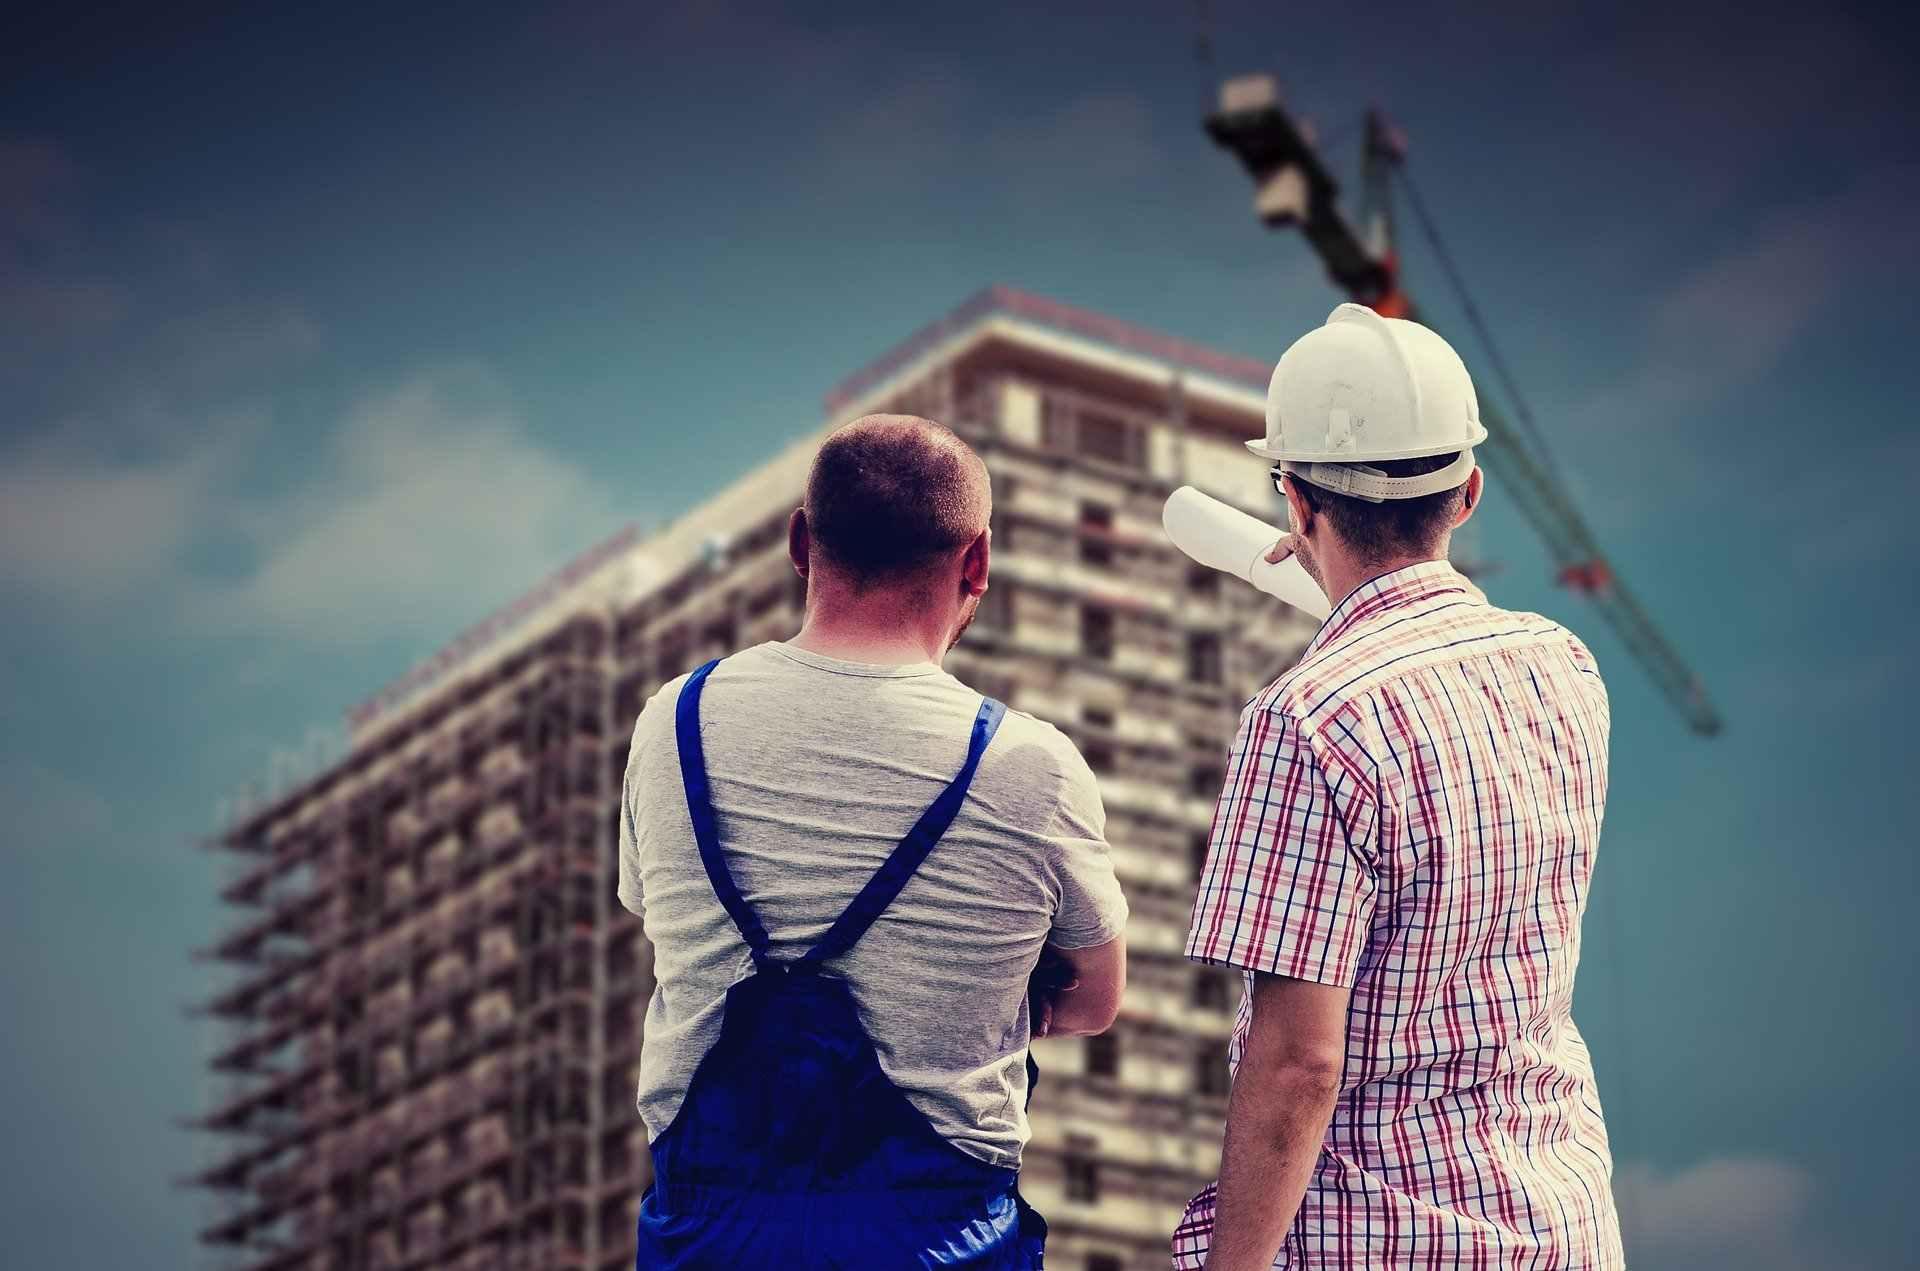 Сегодня, 8 августа, в России отмечают День строителя